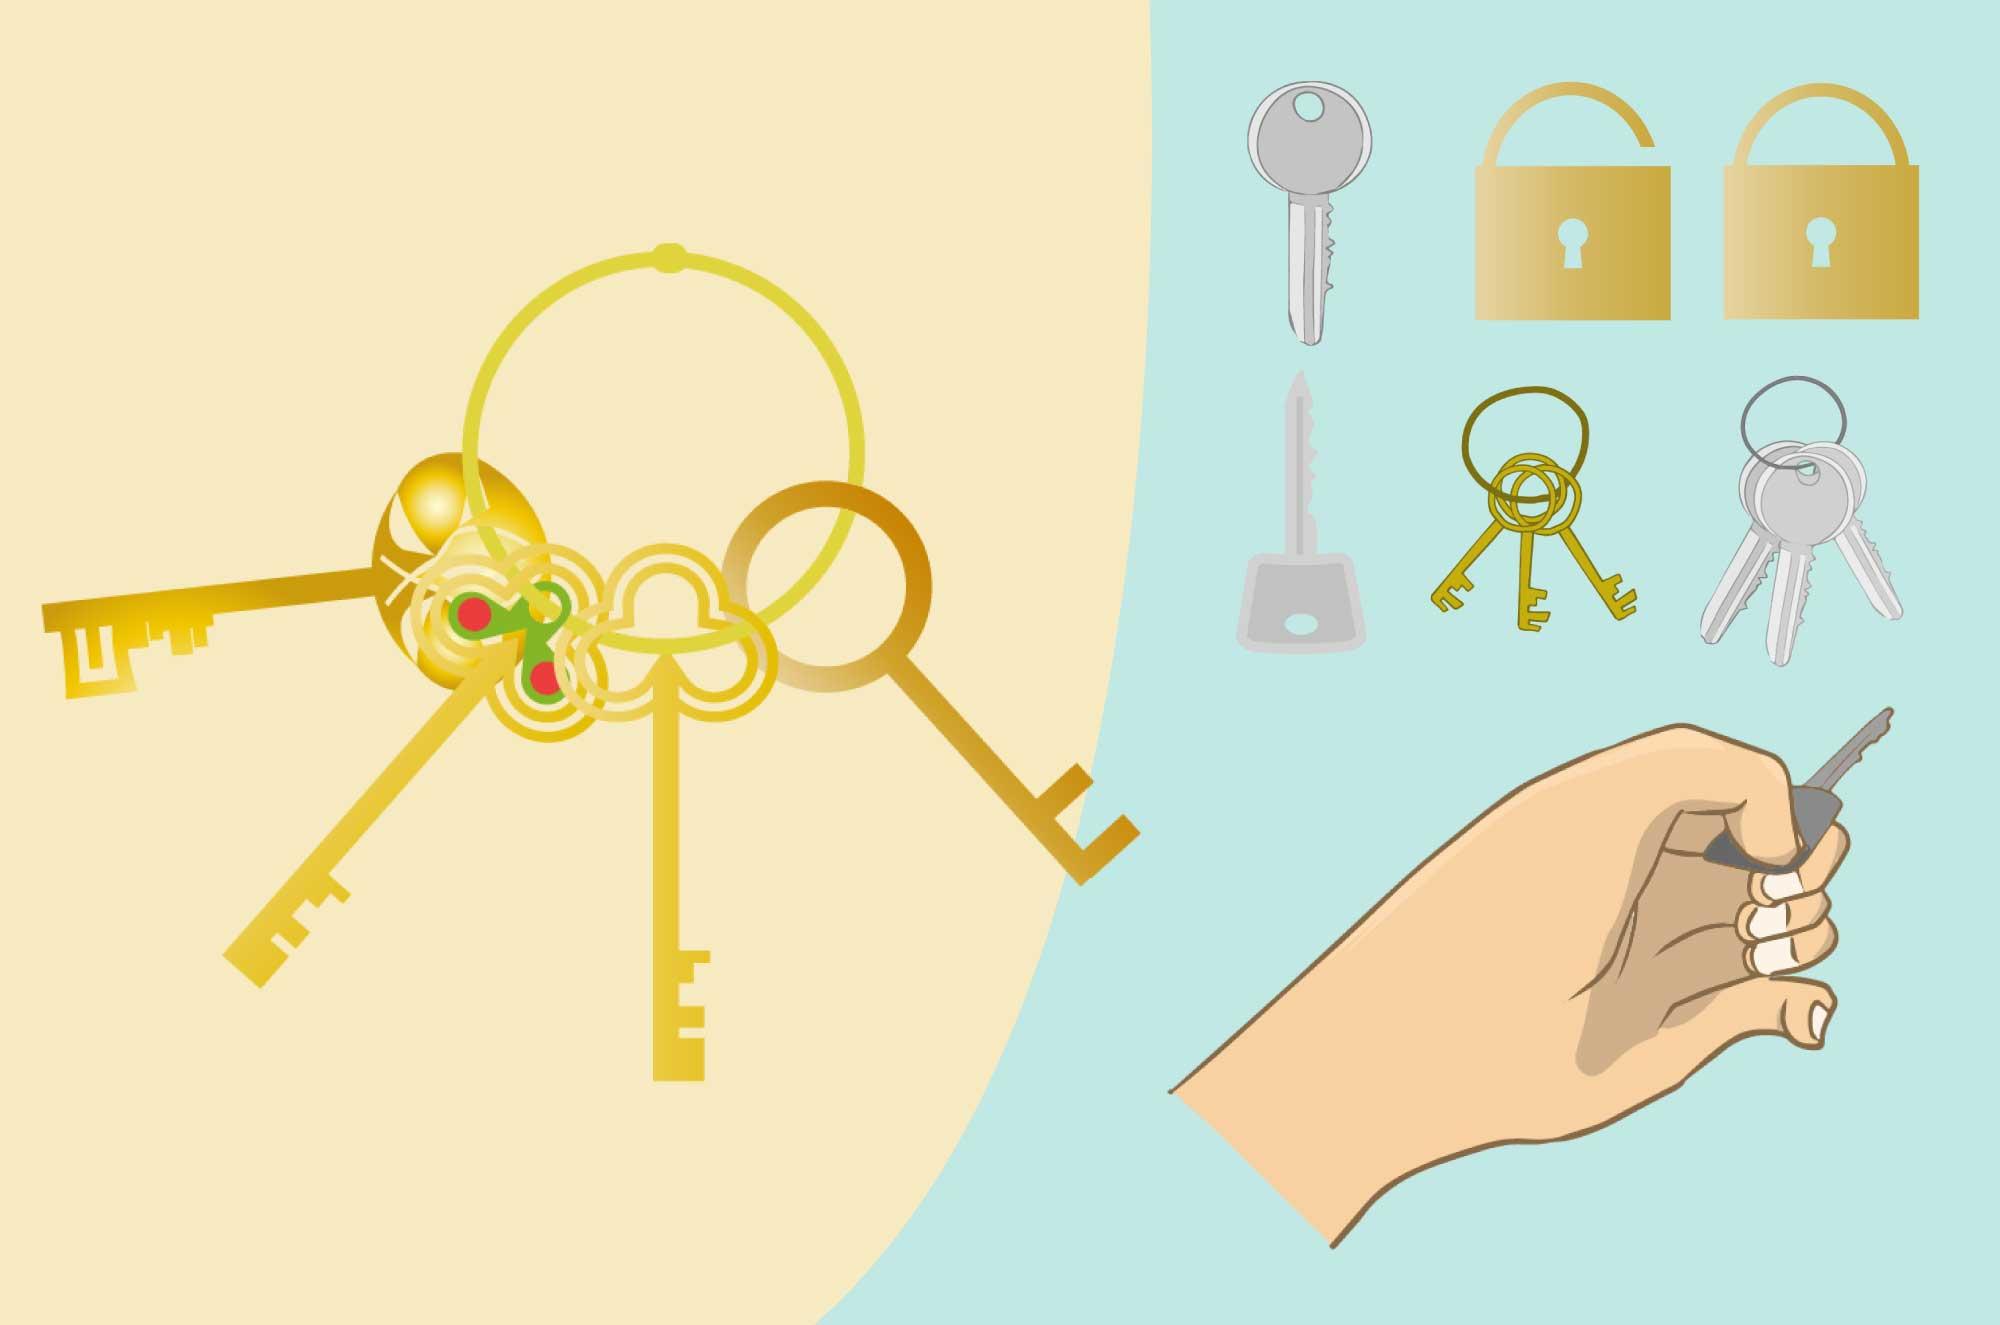 鍵のイラスト - かっこいい・可愛い道具の無料素材